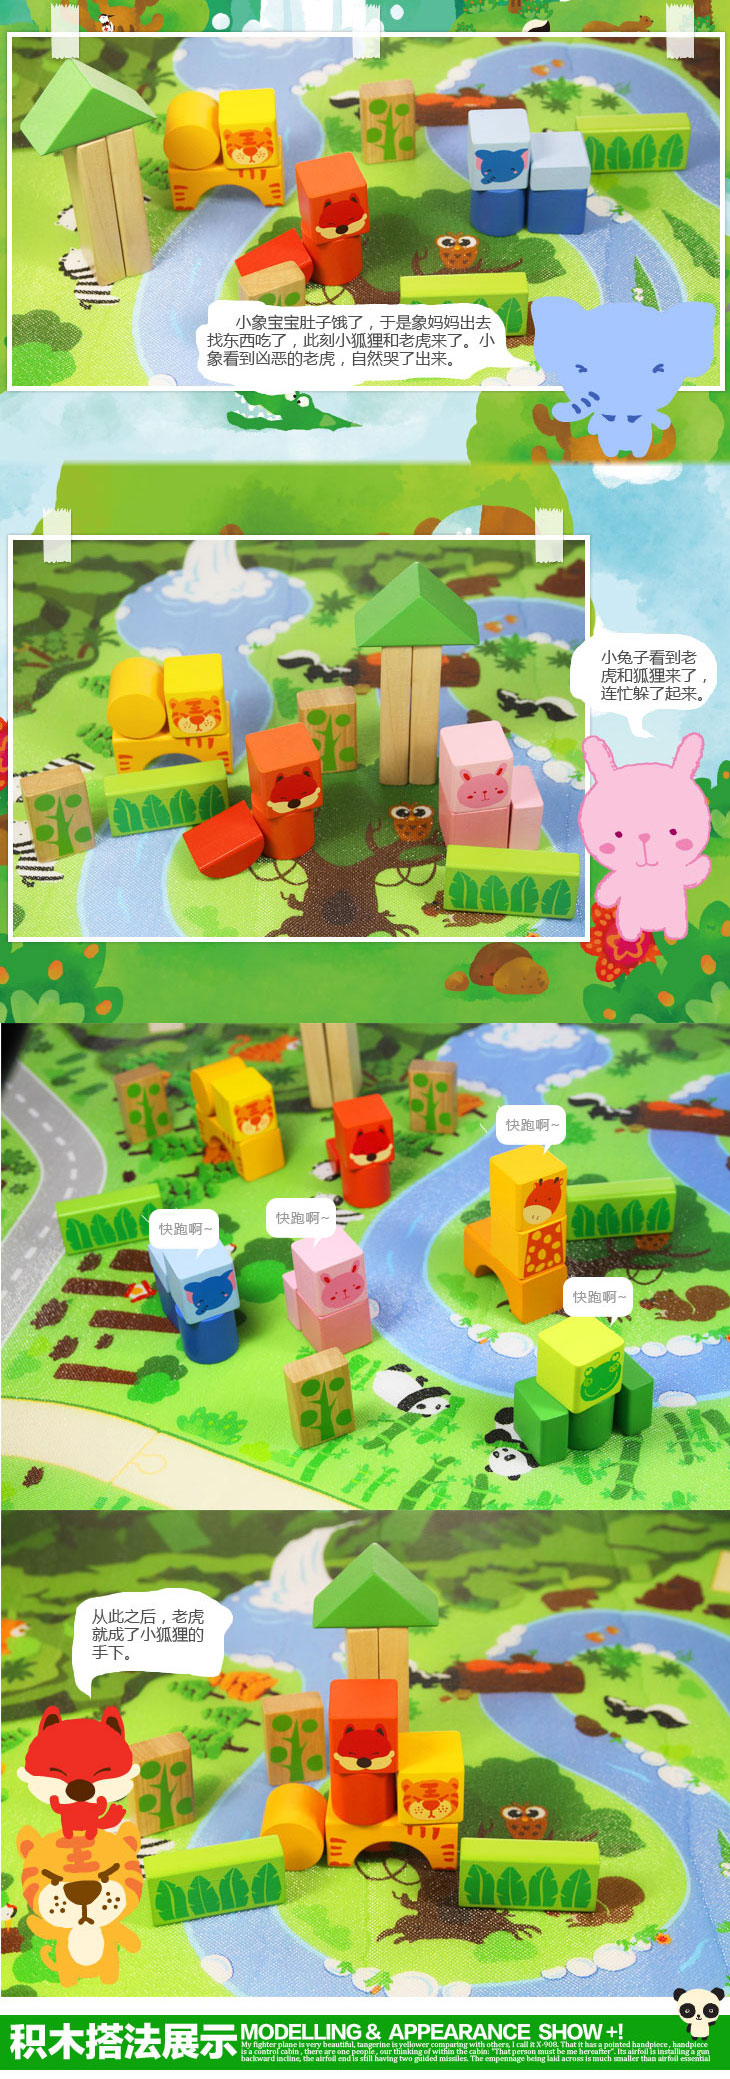 52粒森林动物情景主题儿童益智木质积木